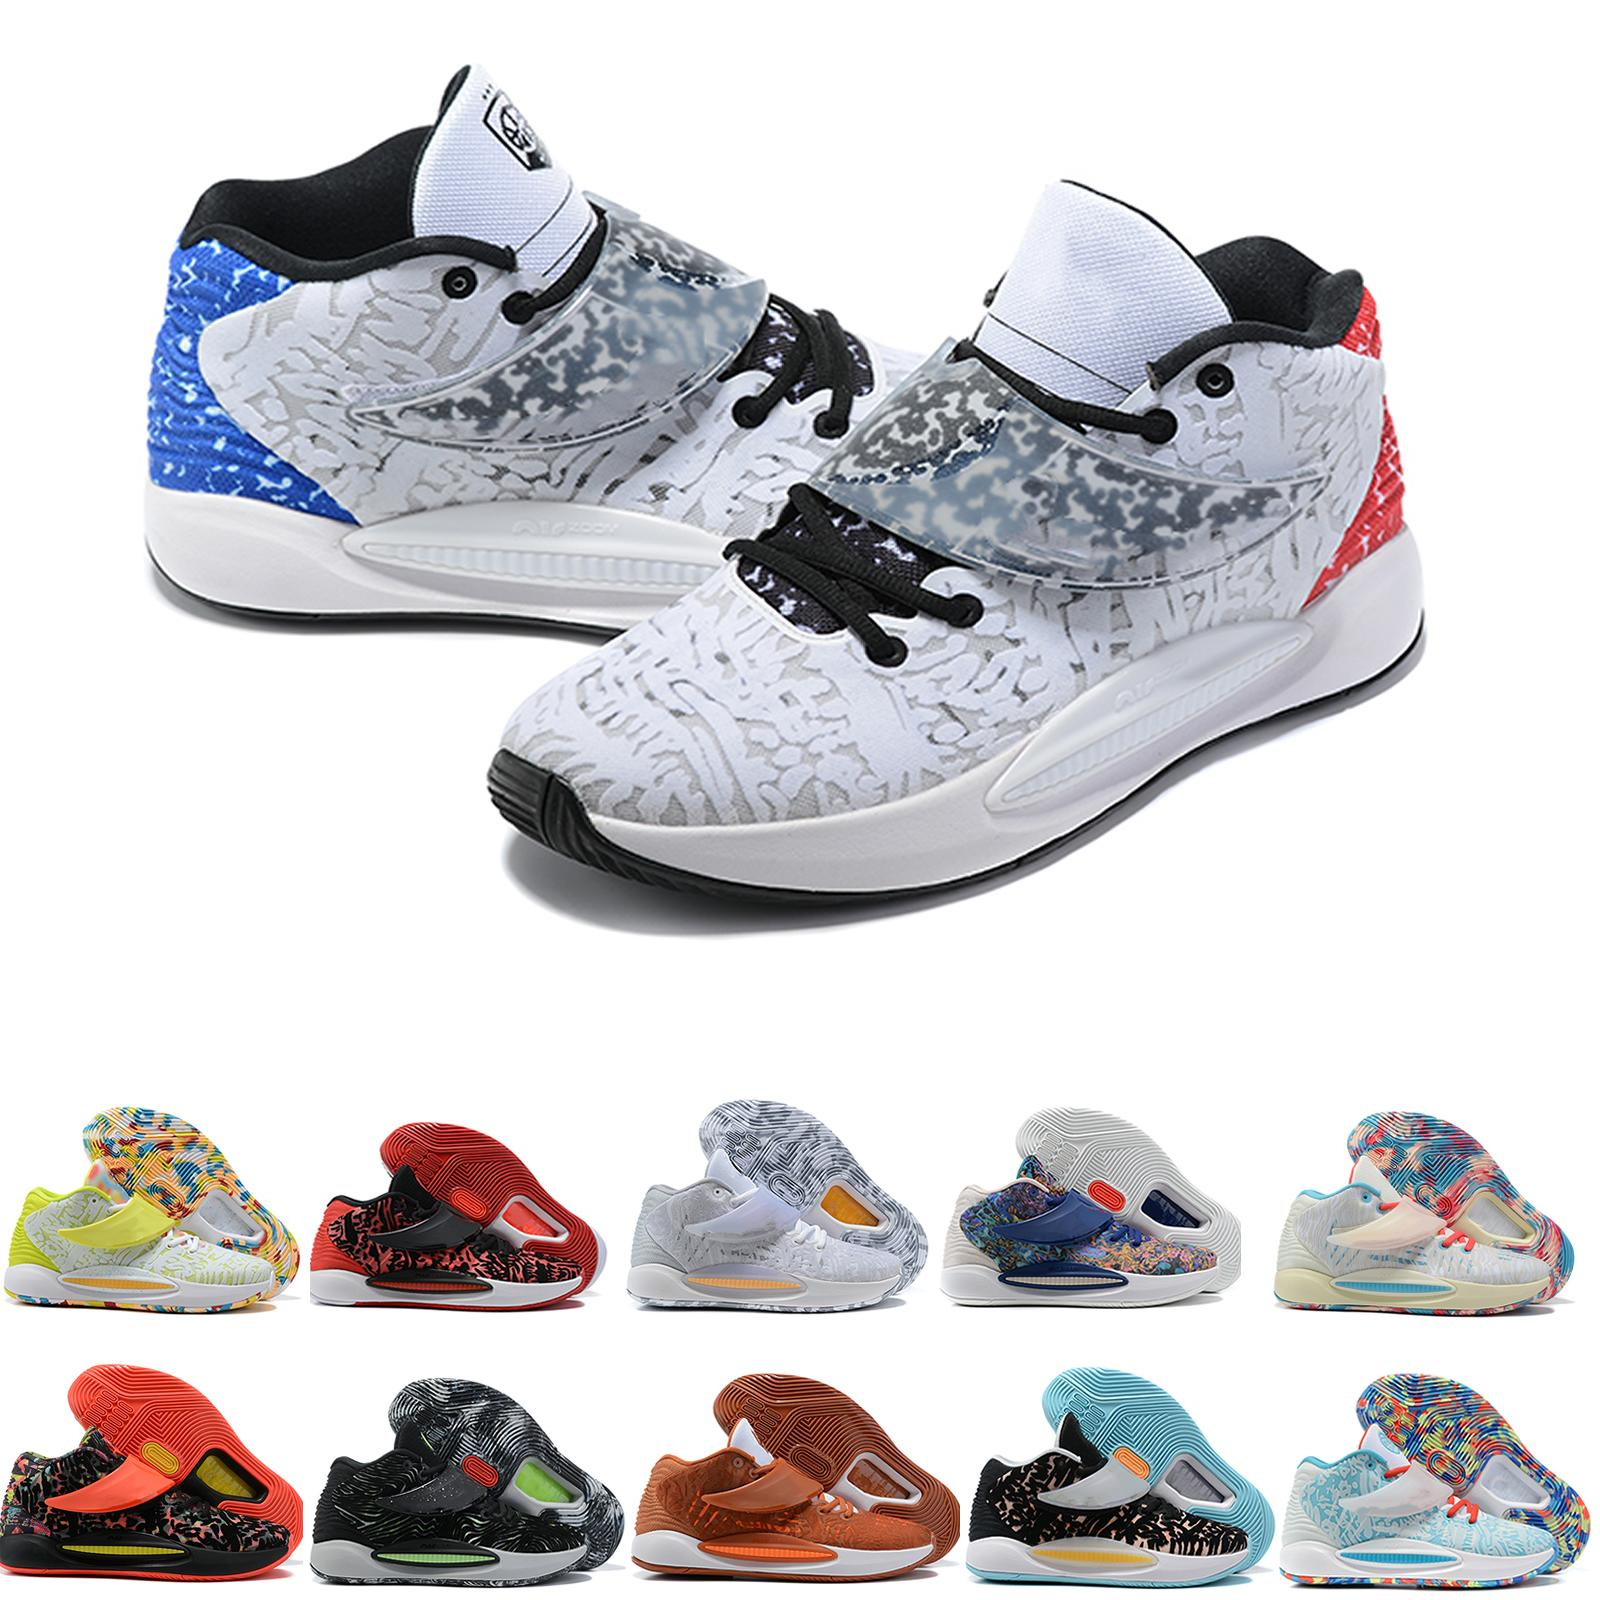 Erkekler Durant KD 14 XVI 14 S Basketbol Ayakkabı Çok Renkli Mavi Erkek Kevin KD14 Eğitmenler Yakınlaştırma Elite Spor Sneakers ABD 7-12